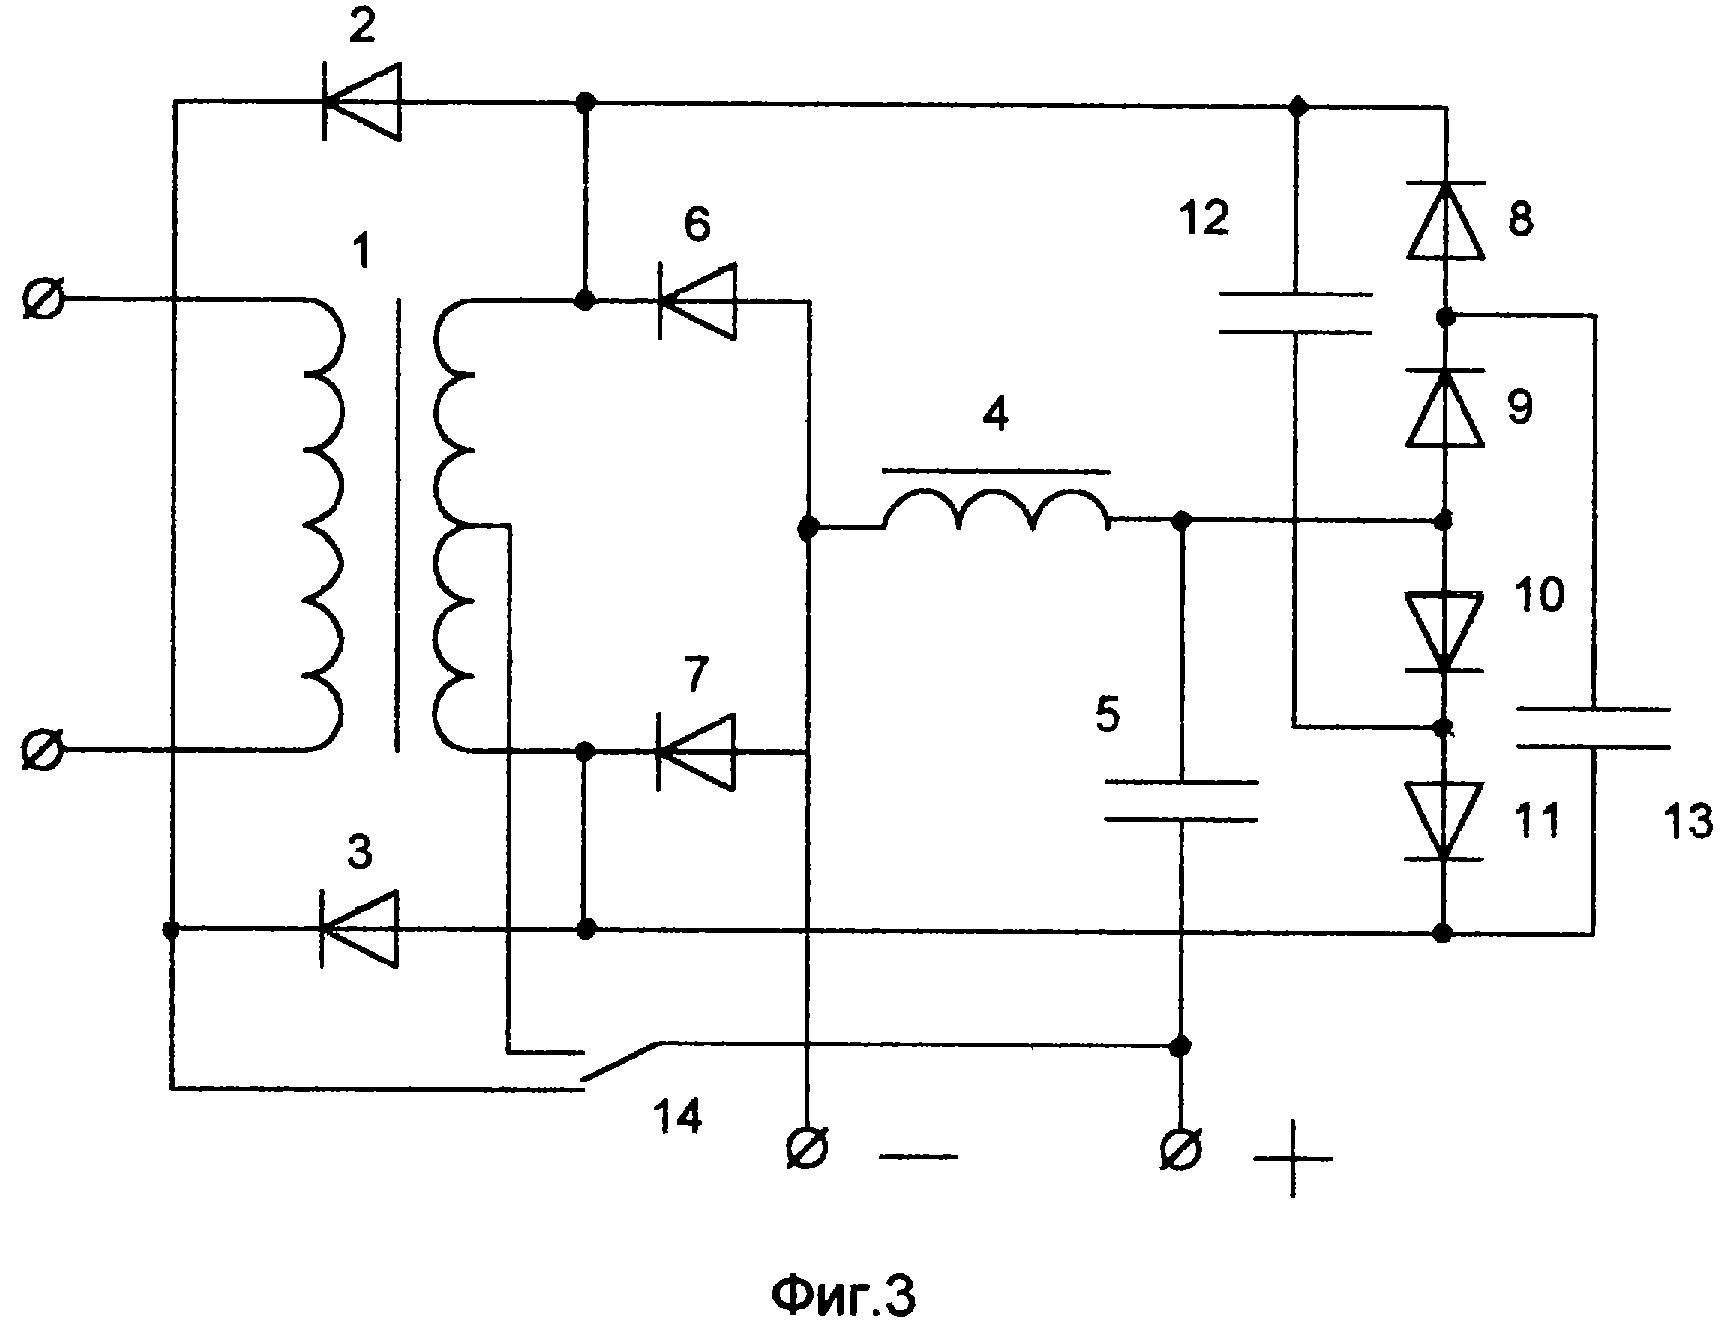 Сварочный аппарат дуга 318м схема